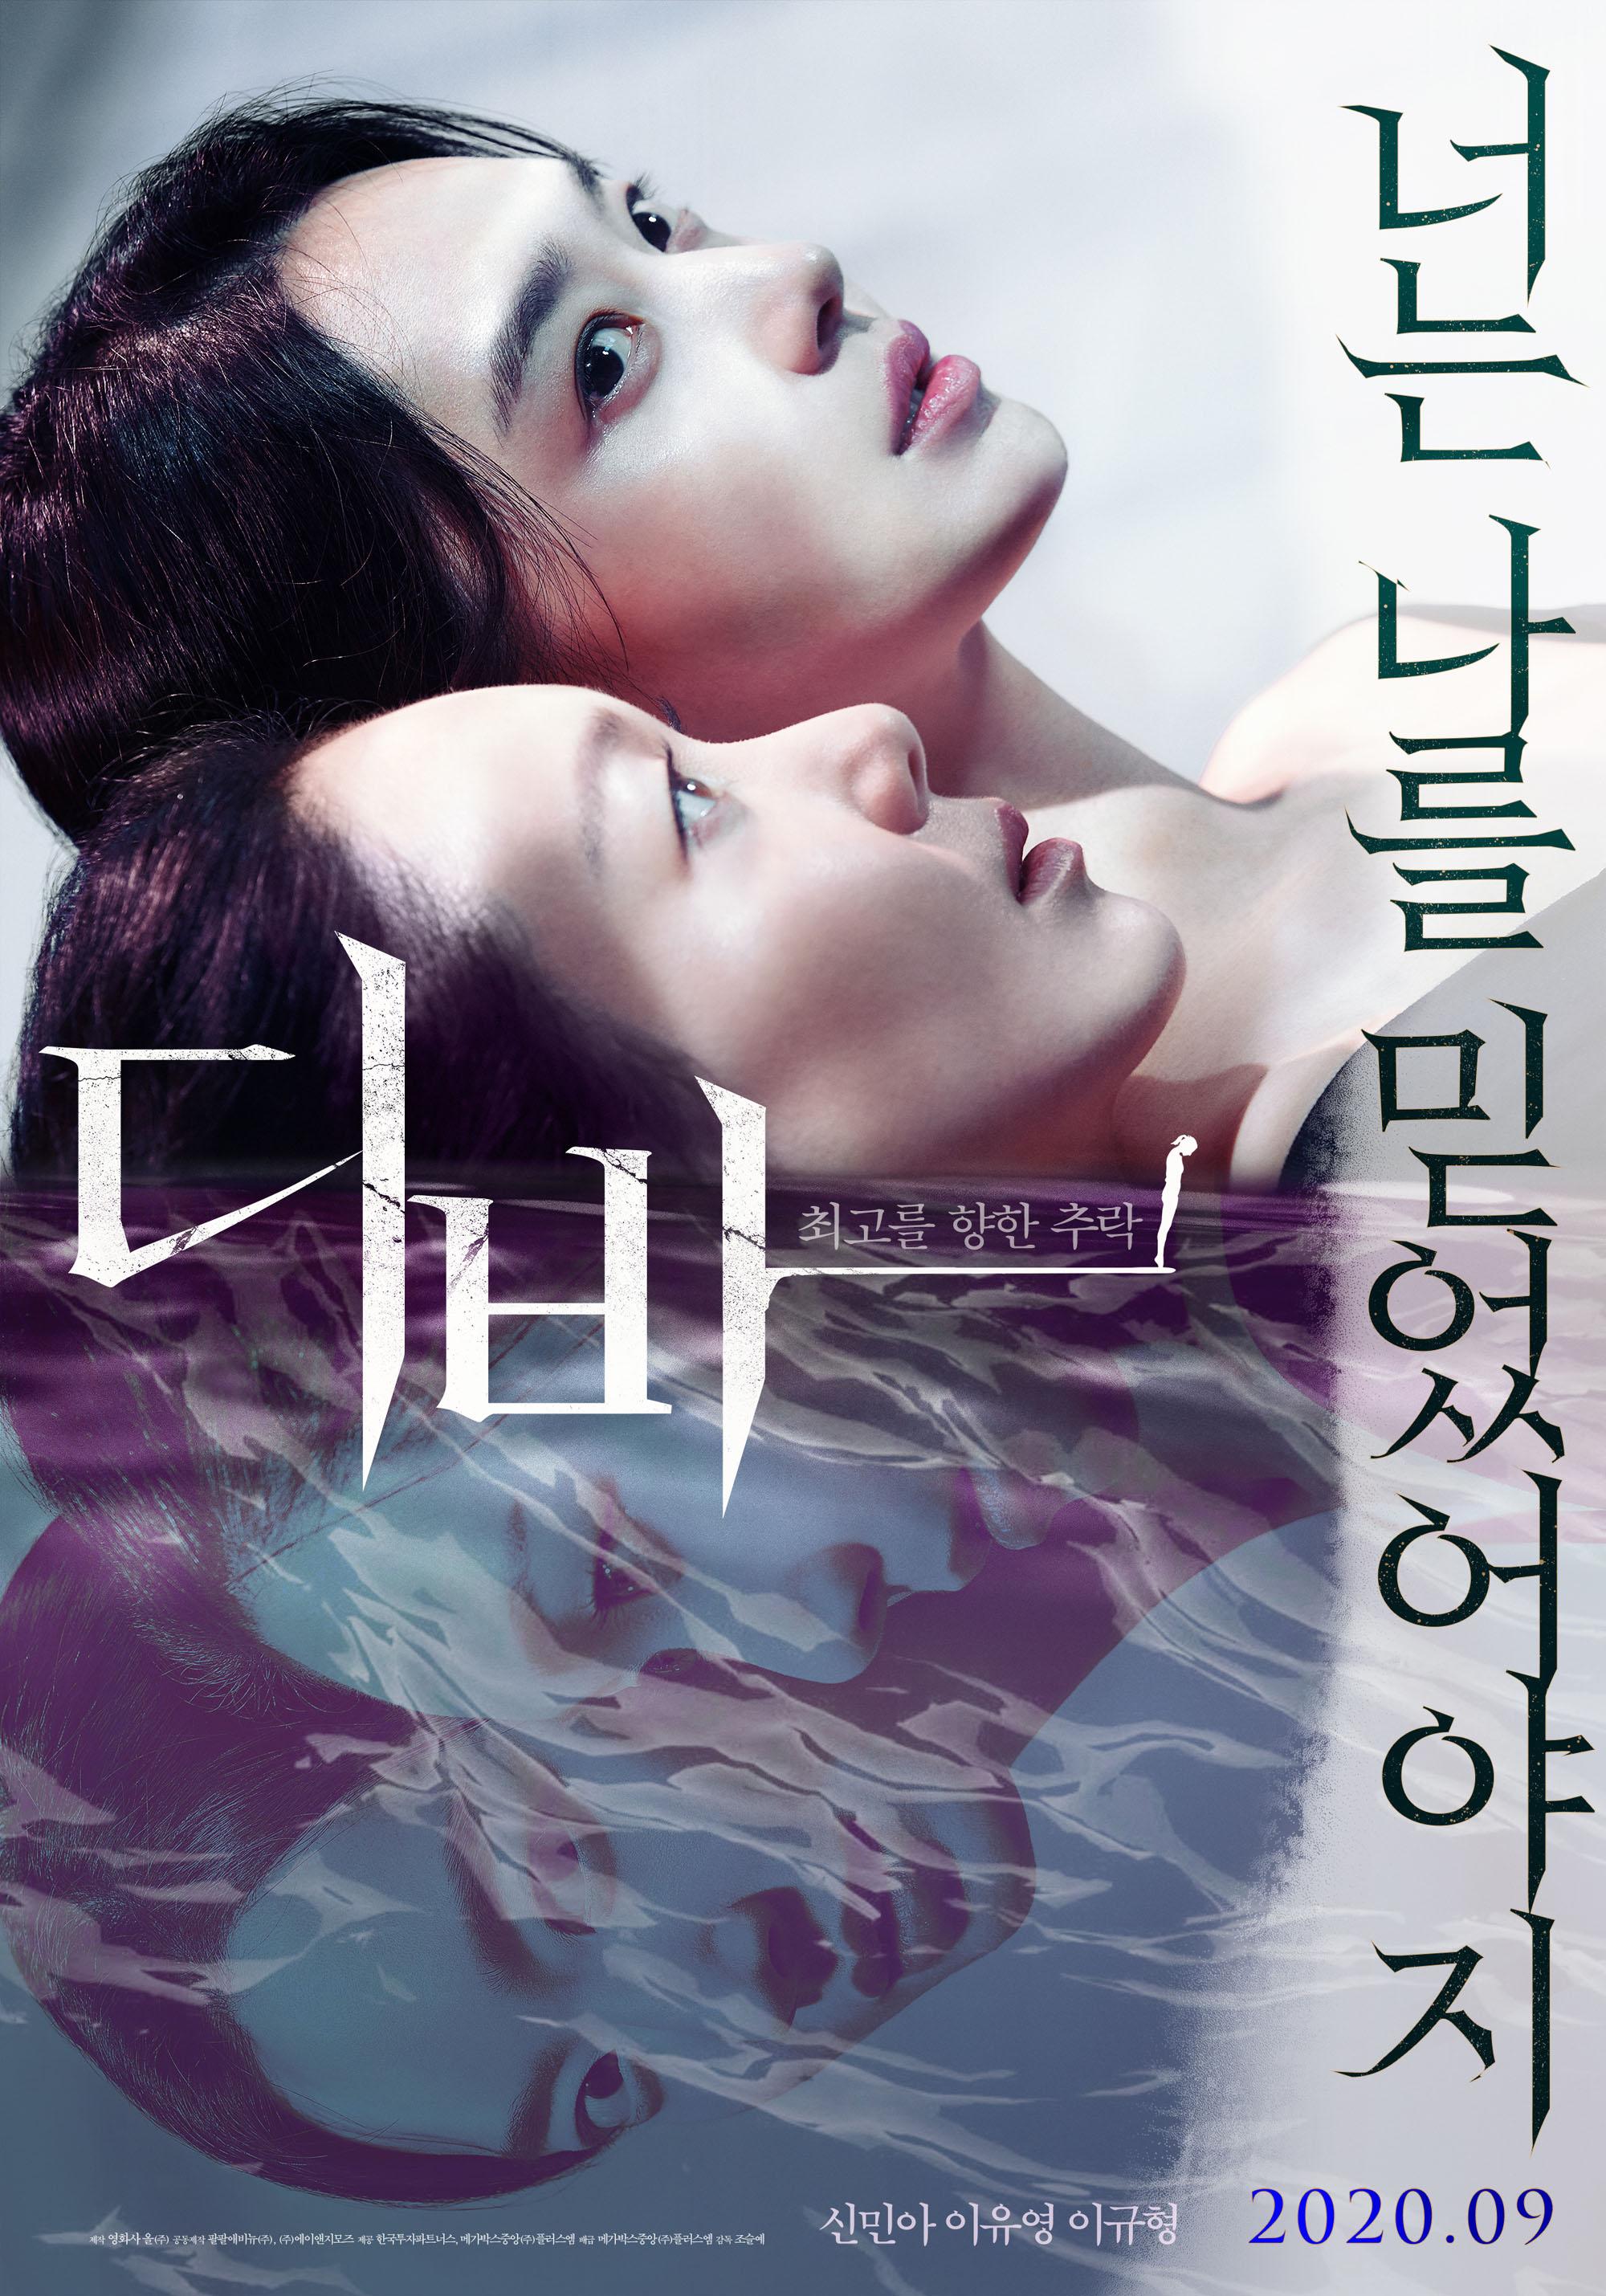 영화 '디바' 포스터. 사진 메가박스중앙(주)플러스엠